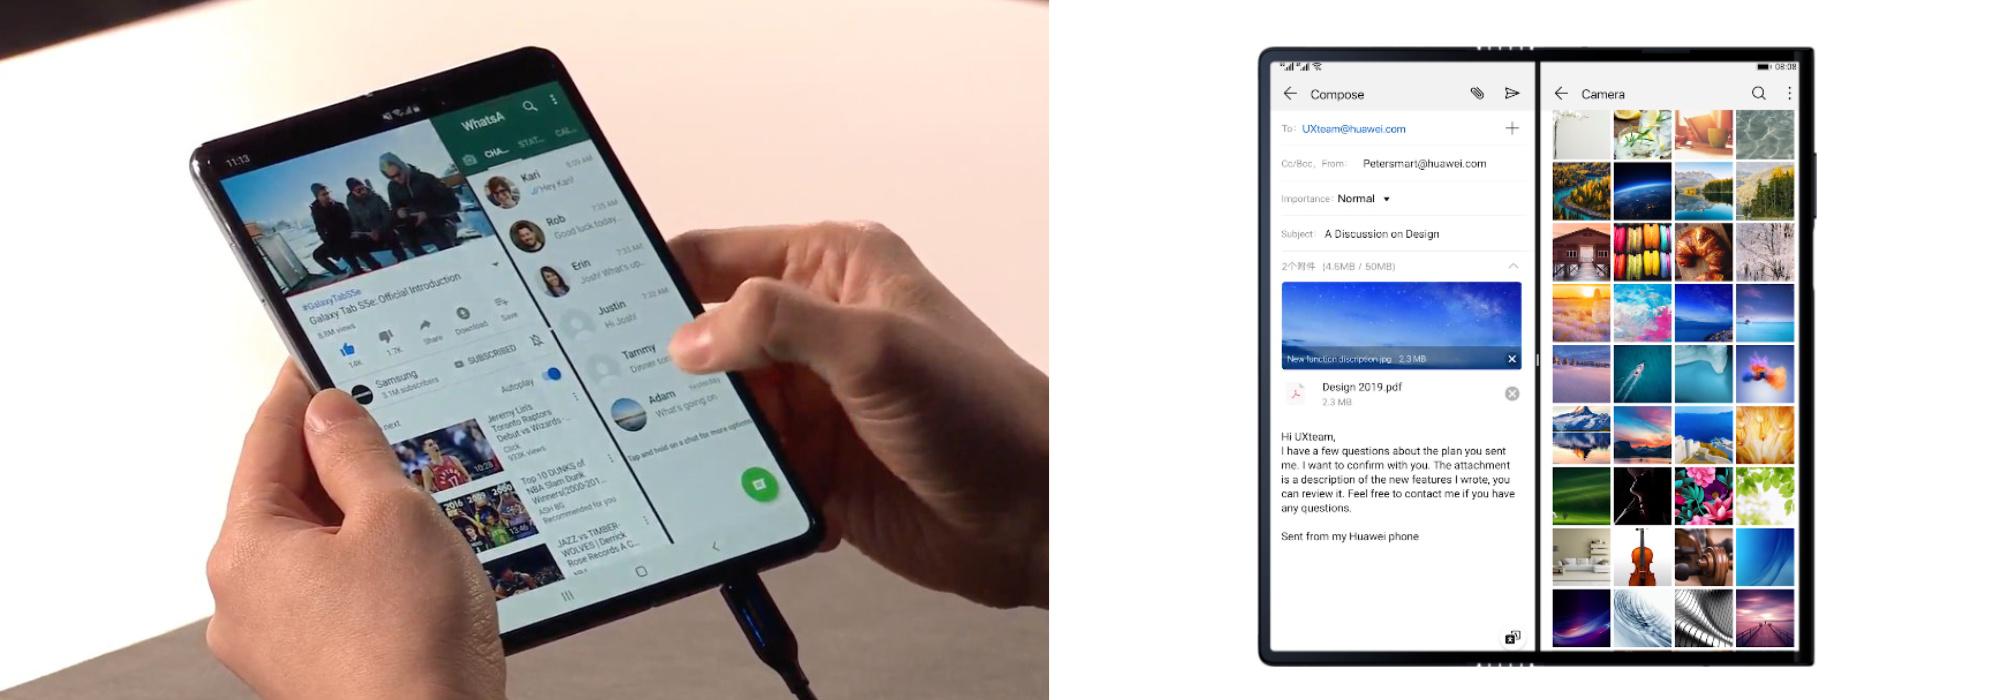 Wielozadaniowość w Samsungu Galaxy Fold (po lewej) i w Huawei Mate X (po prawej)